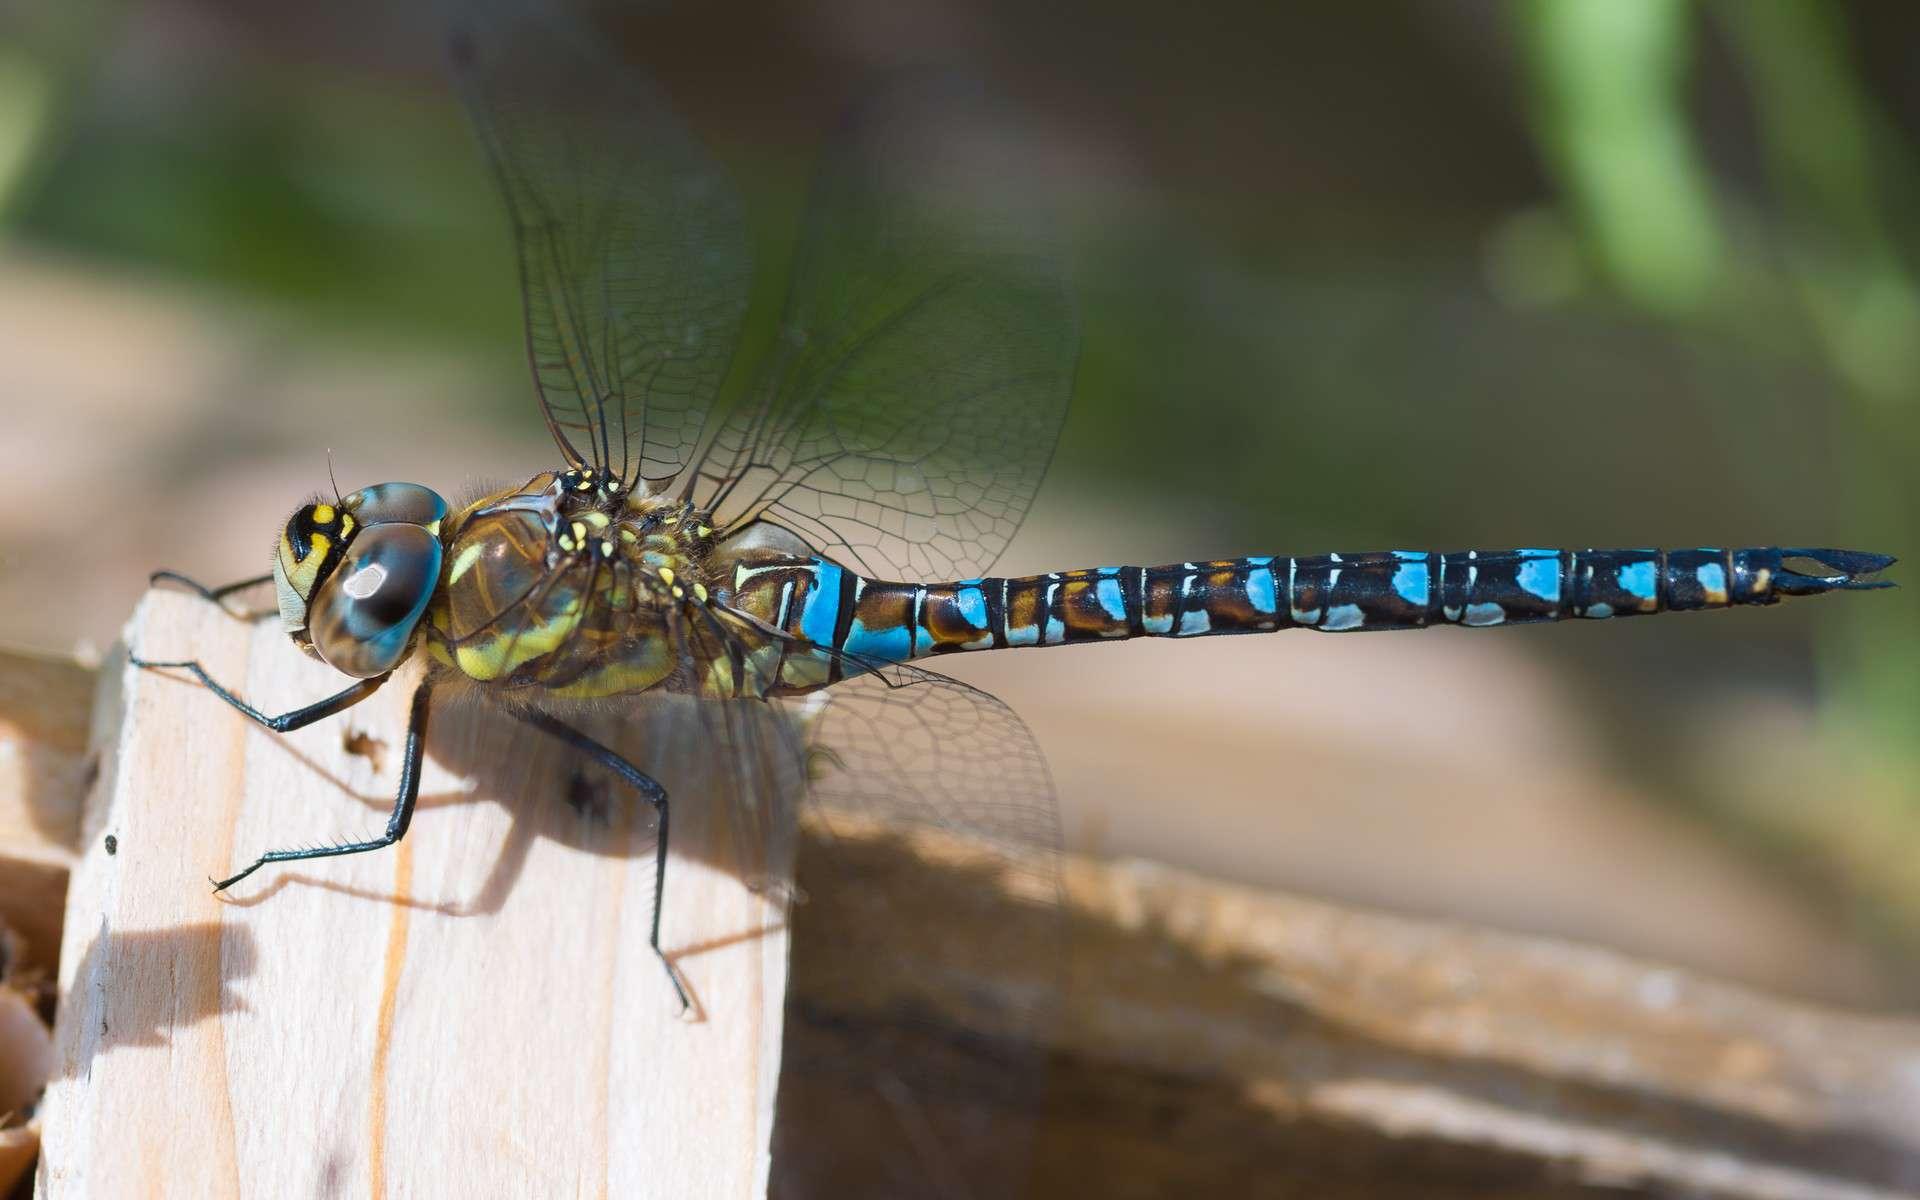 Aeschne bleue - Crédit : Johan Wieland